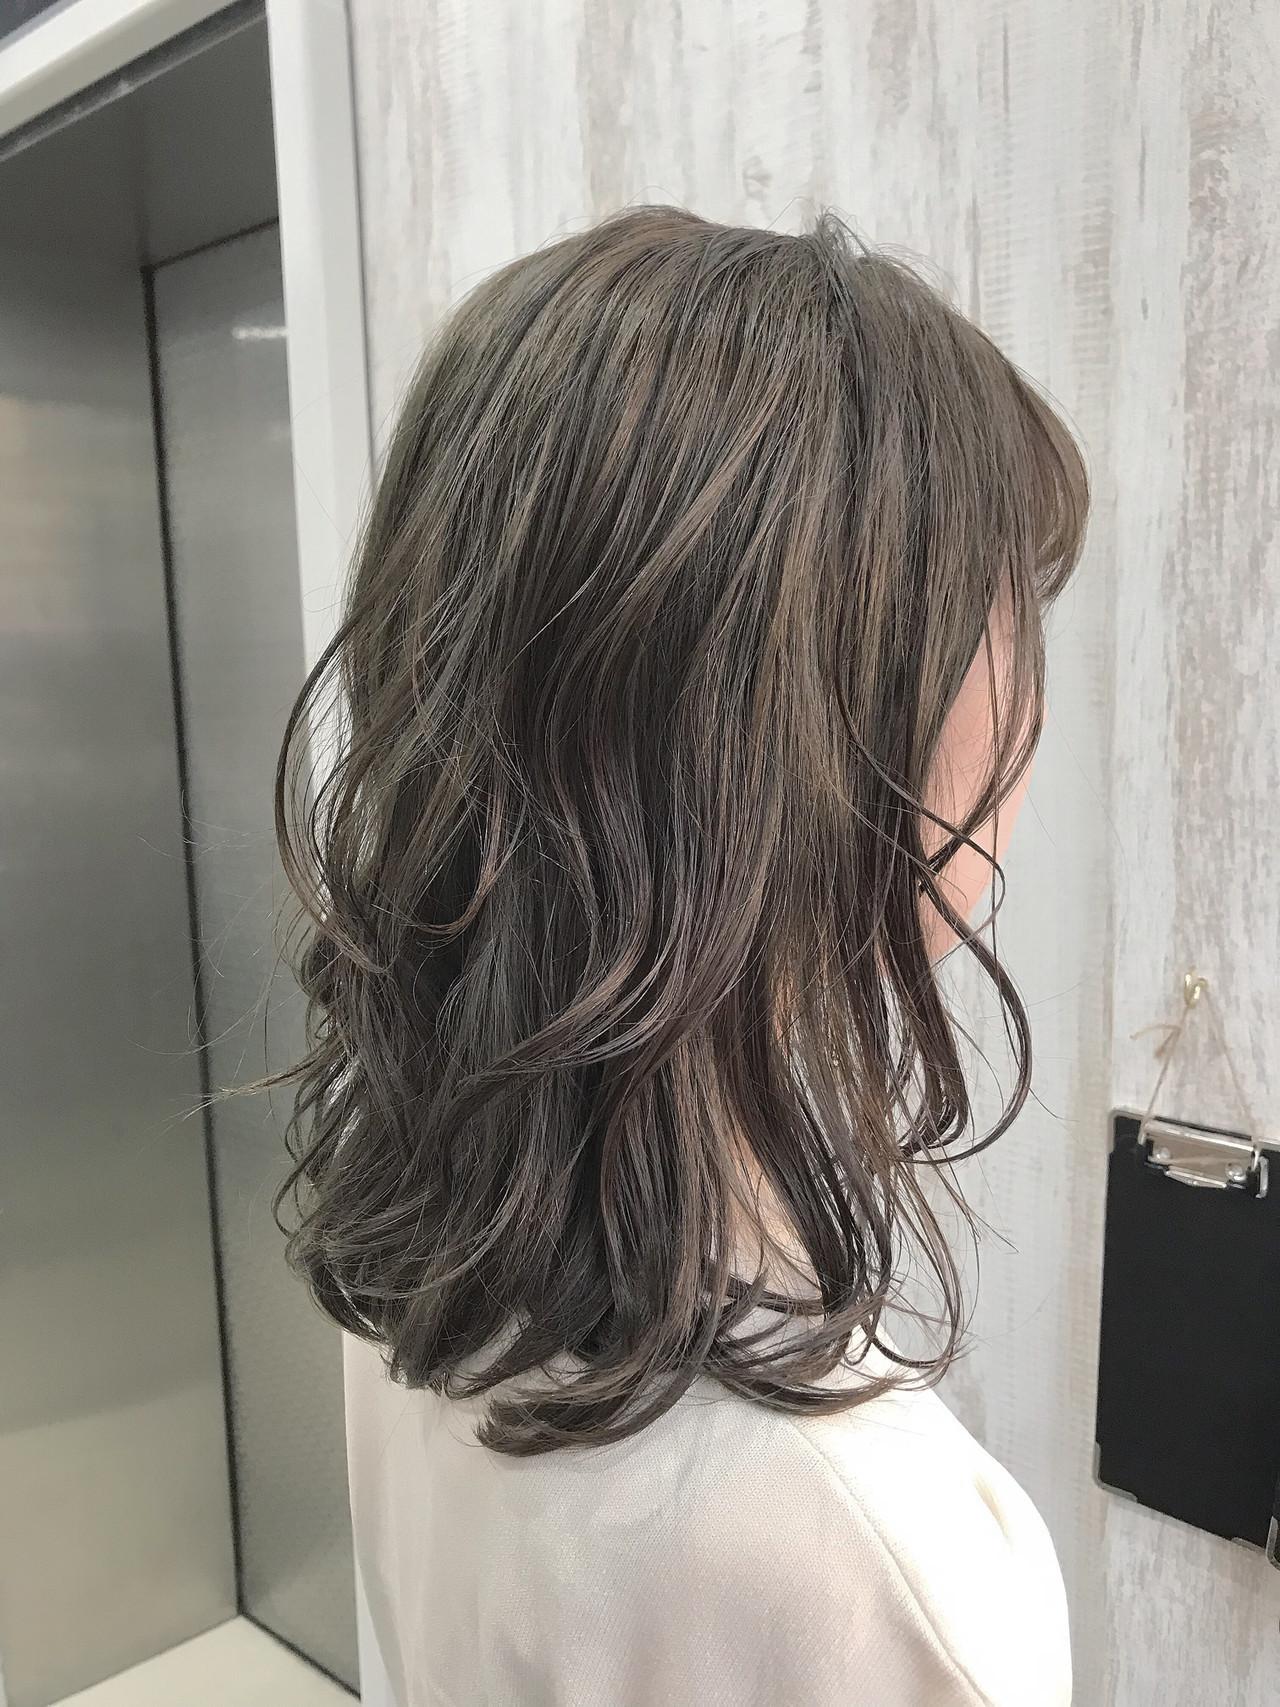 オリーブブラウン オリーブカラー フェミニン オリーブグレージュ ヘアスタイルや髪型の写真・画像